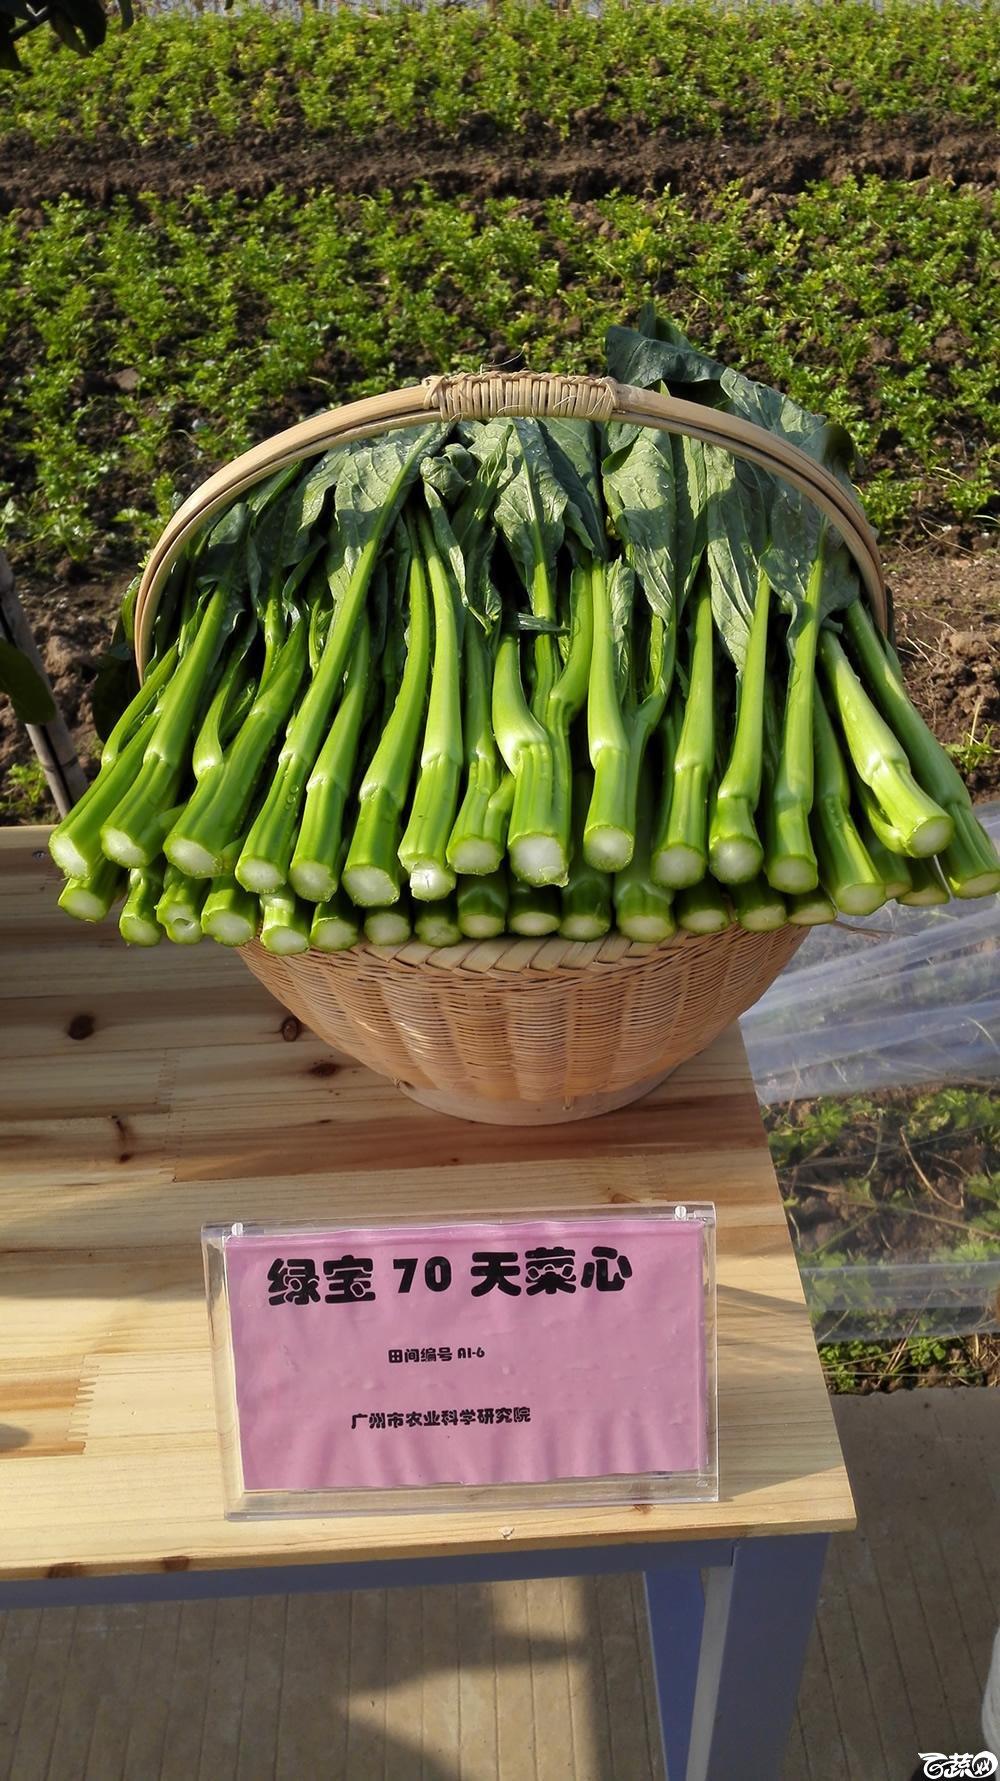 2014年12月10号广州市农科院南沙秋季蔬菜新品种展示会_叶菜_002.jpg